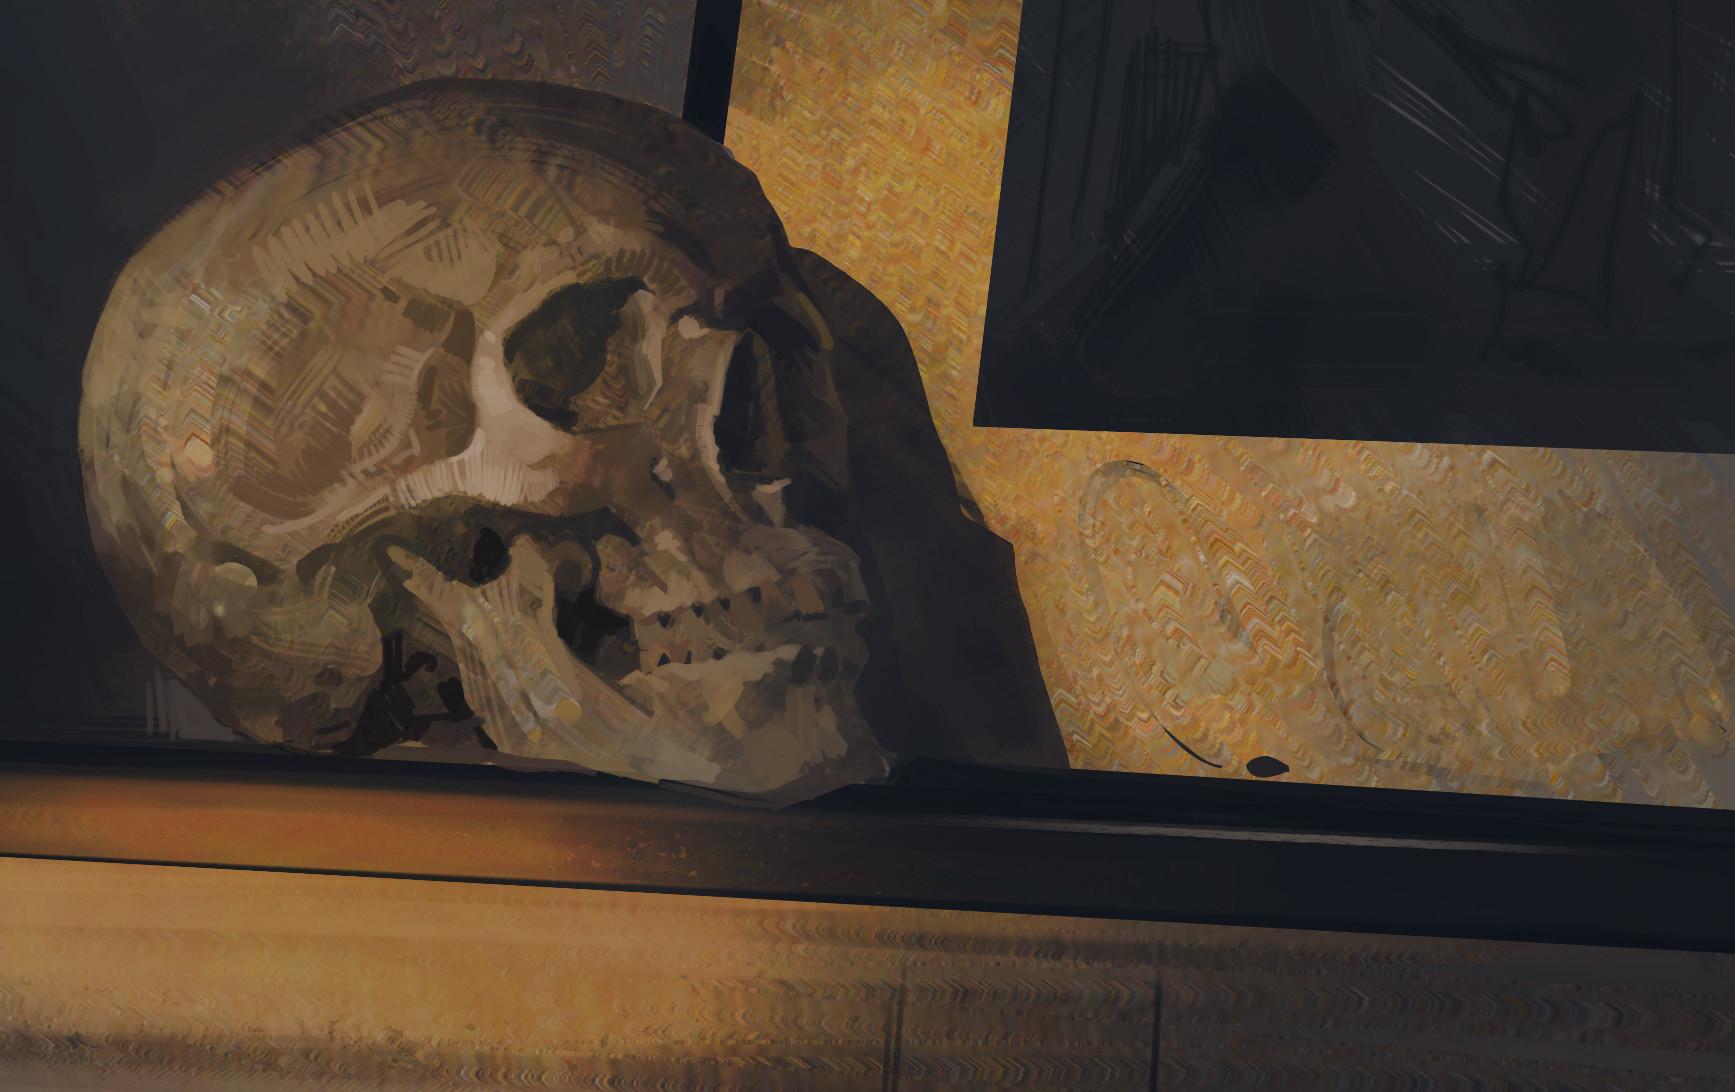 Bartlomiej gawel czaszka2